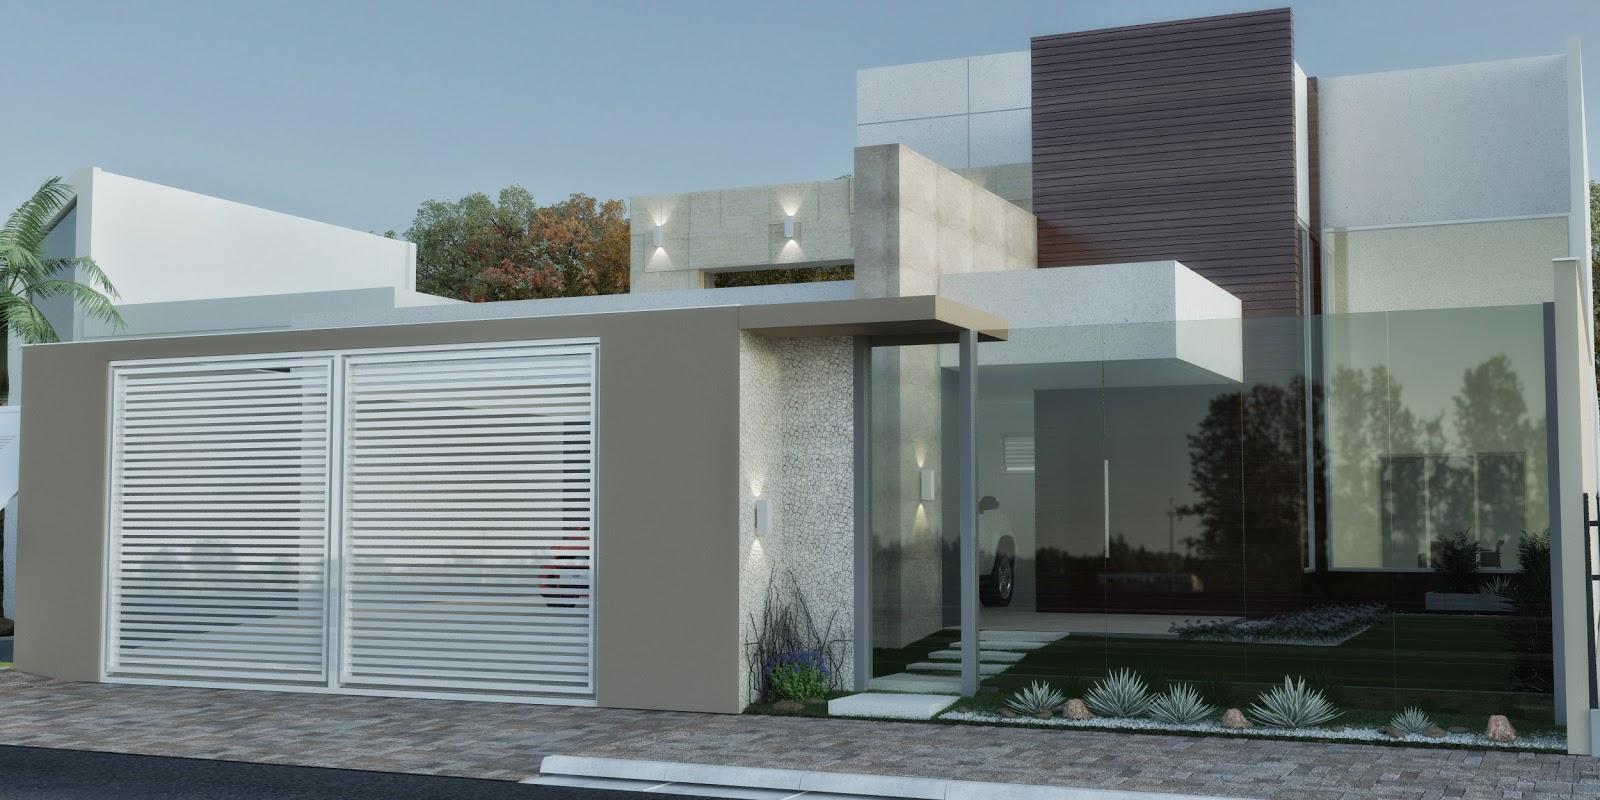 3dsul maquete eletr nica 3d projeto e fachada de casa for Casa moderna immagini